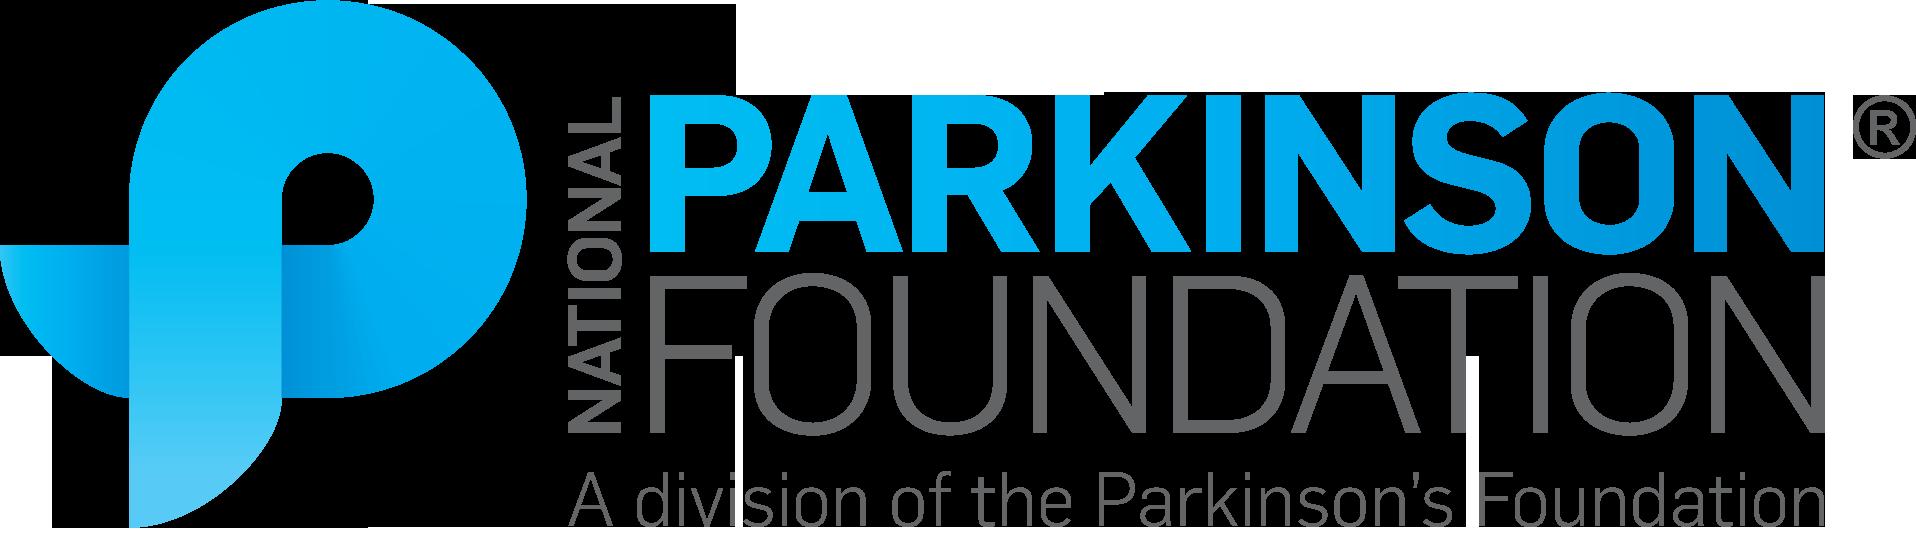 NPF-division-logo